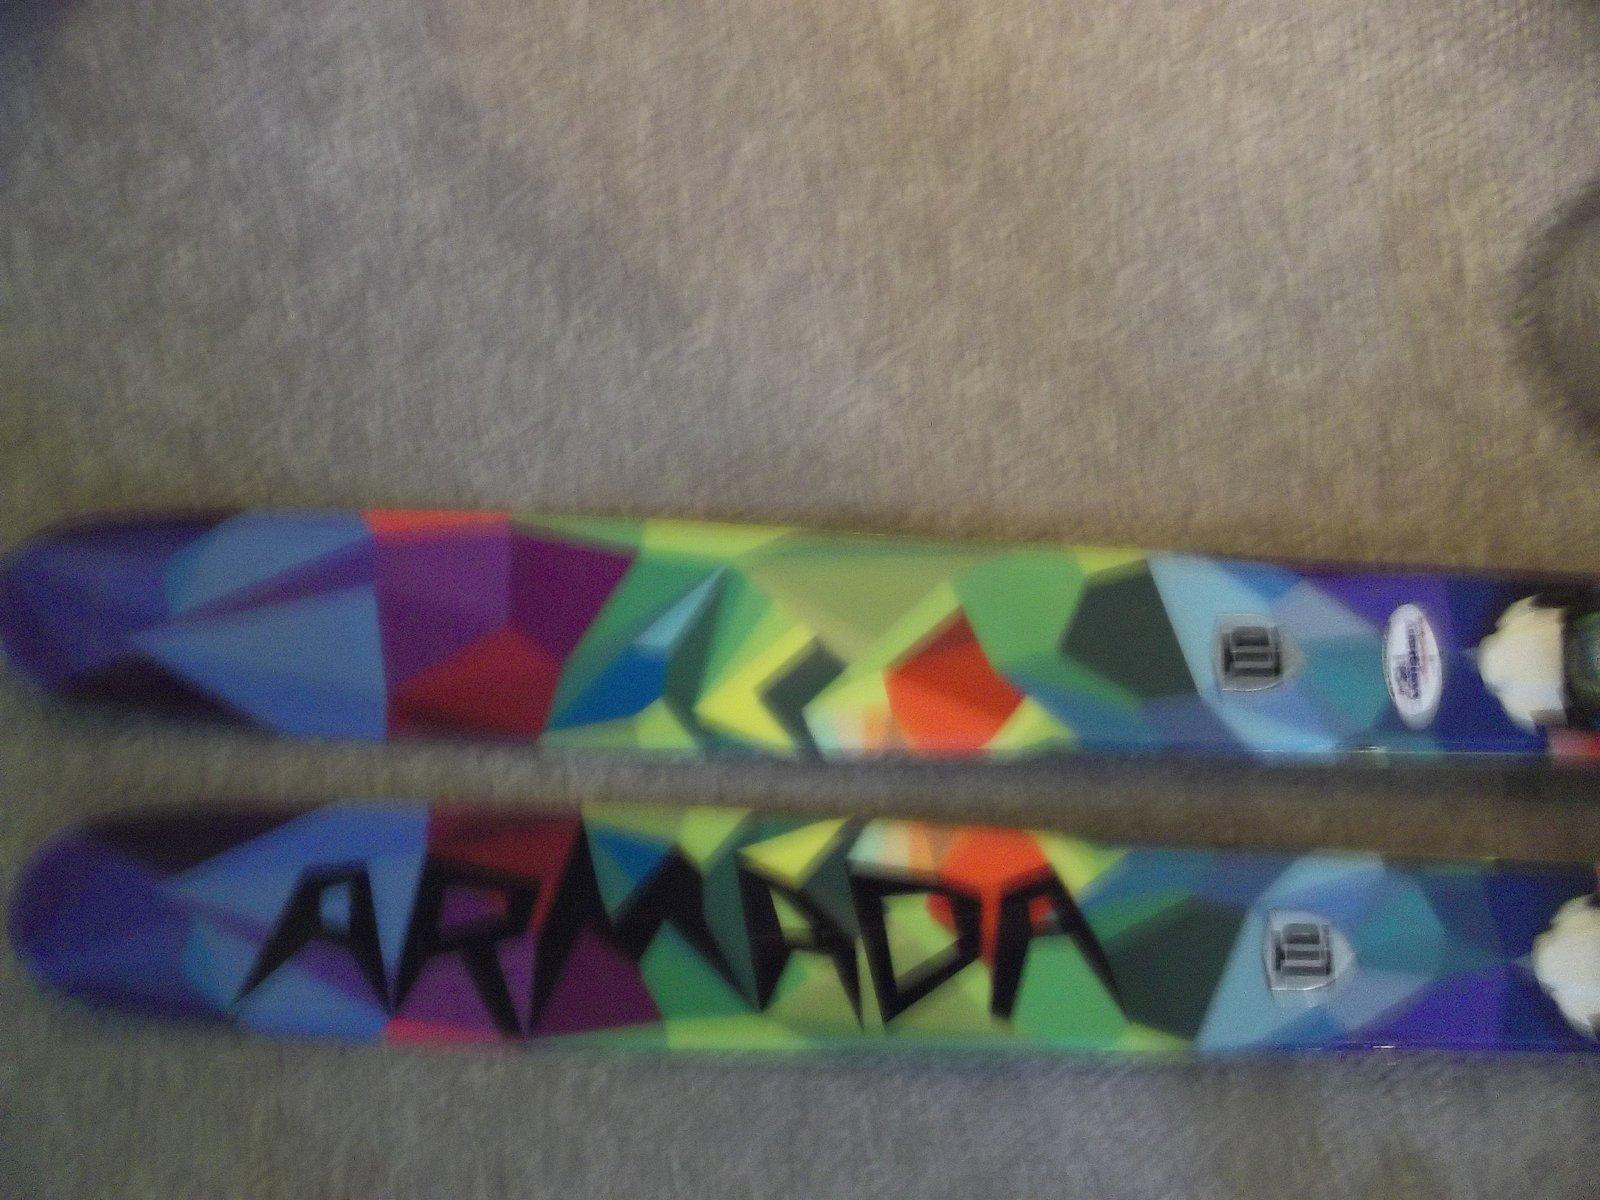 armada alphas